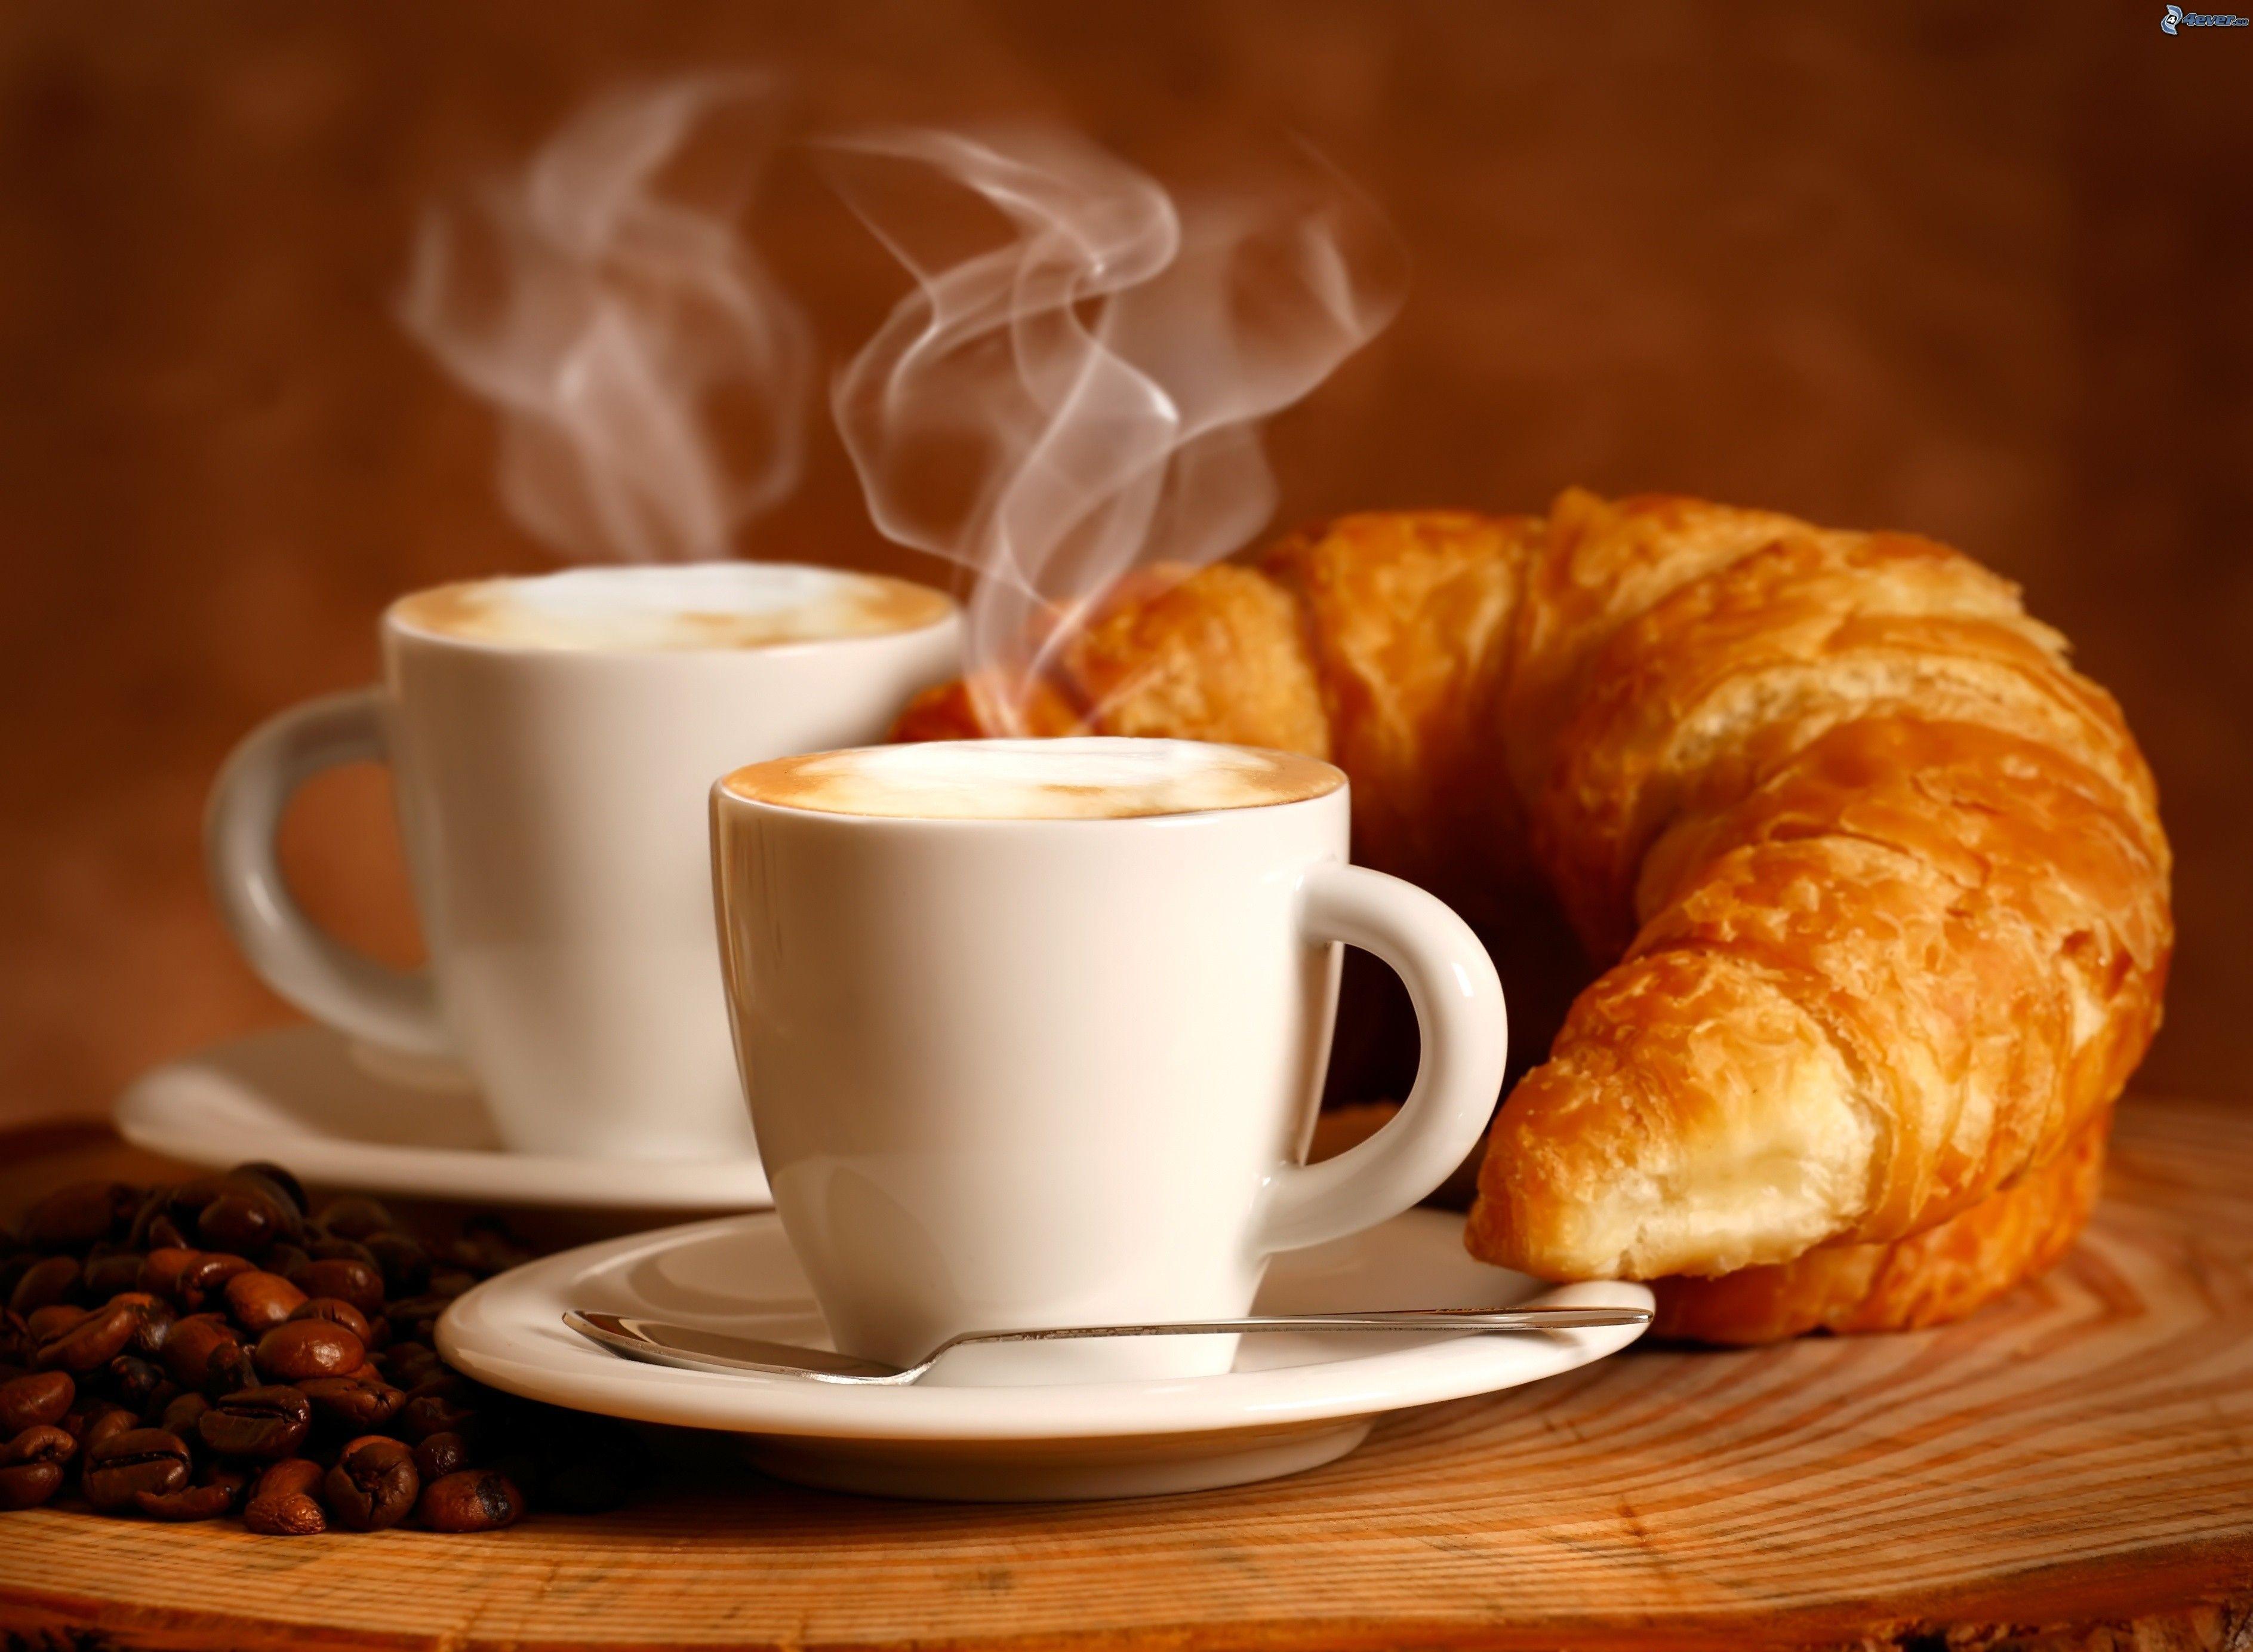 Así Desayuna el Uruguayo Promedio según Investigación